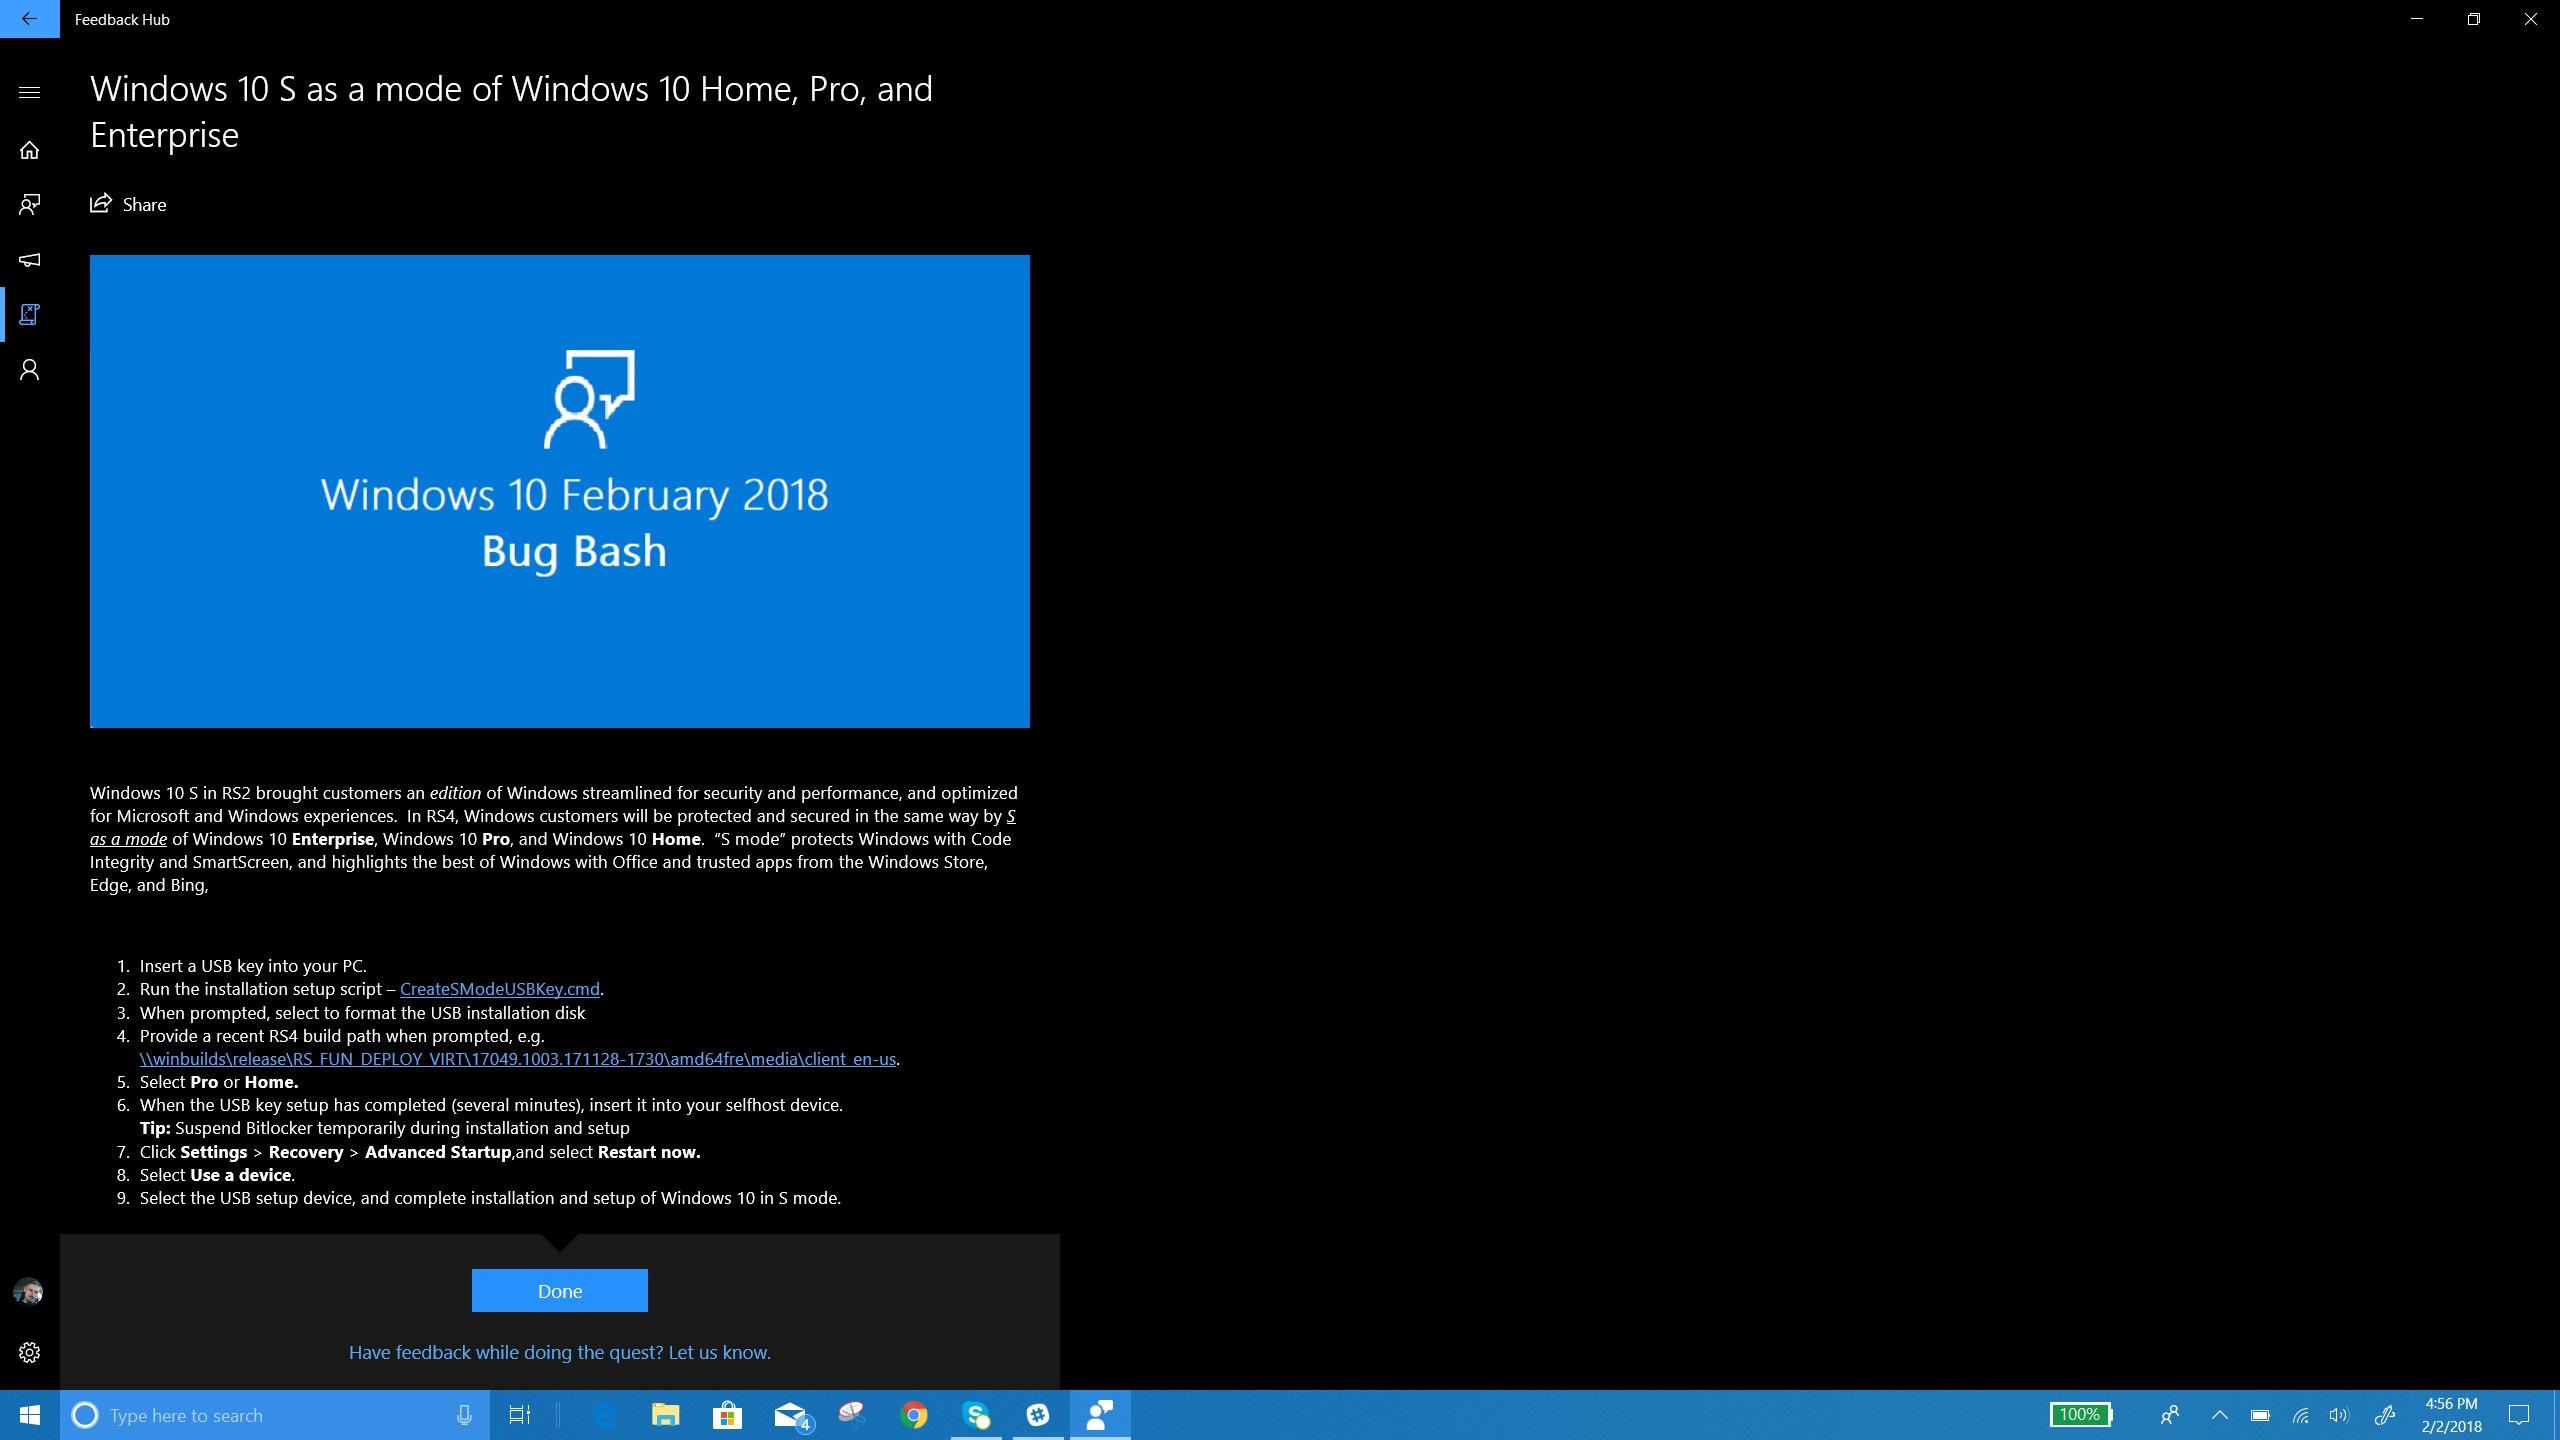 windows 10 s mode 1